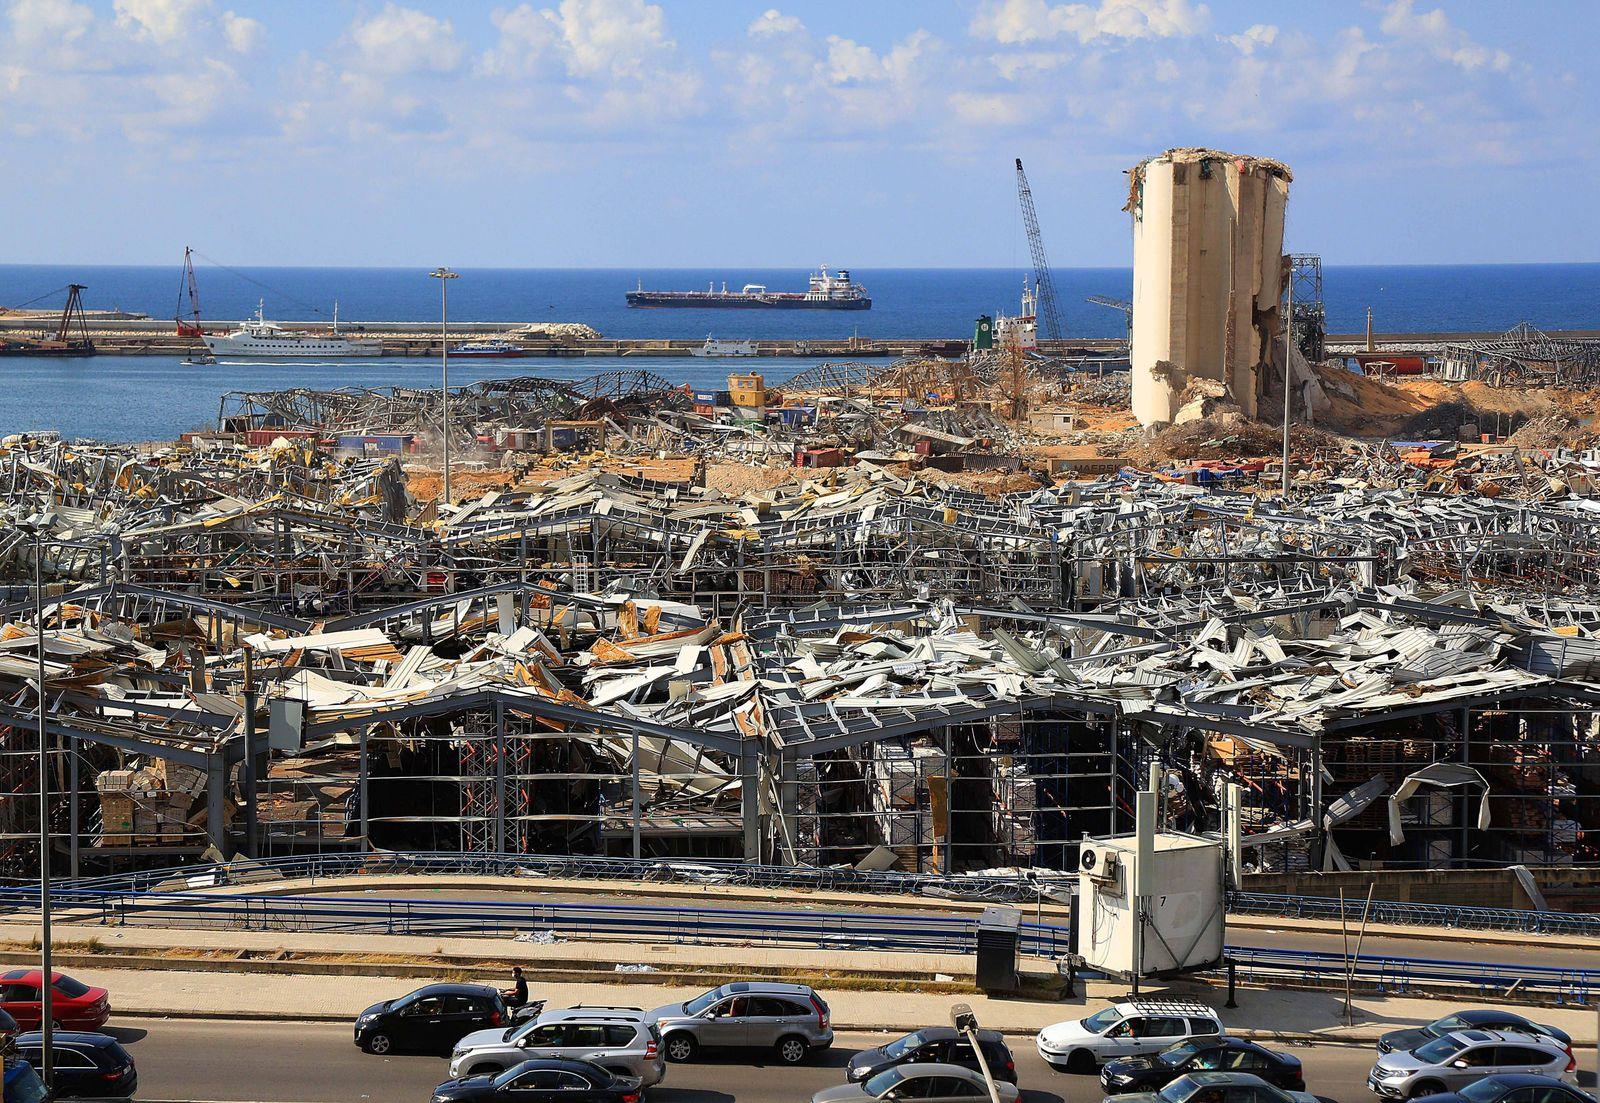 Libanon, Zerstörungen Sieben Tage nach der Explosion in Beirut May 29, 2012, Beirut, Beirut, Lebanon: A picture taken o